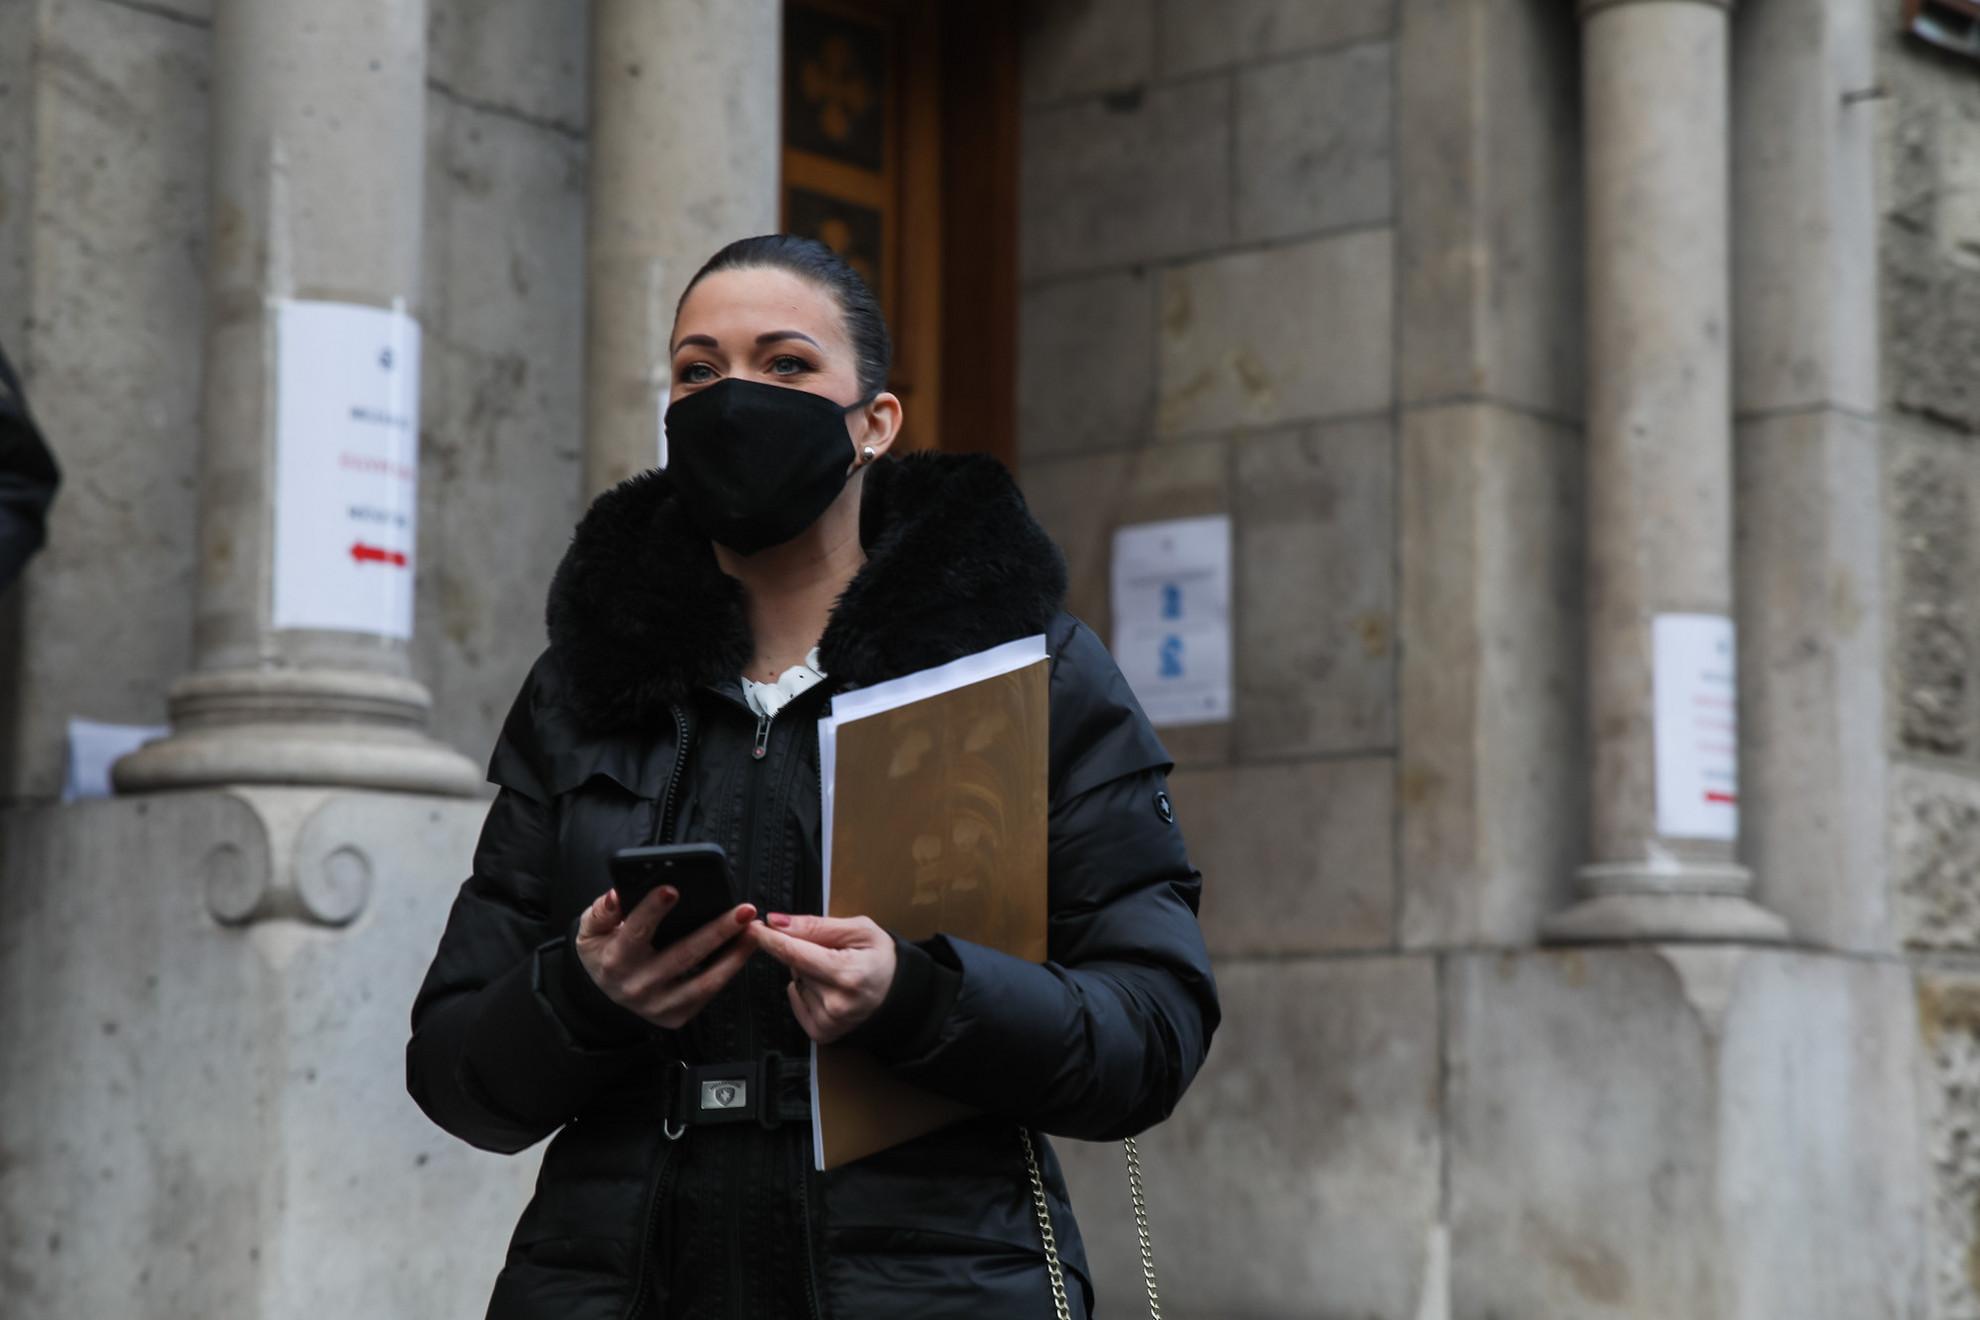 Demeter Márta ellen 2019 novemberében emelt vádat a Központi Nyomozó Főügyészség